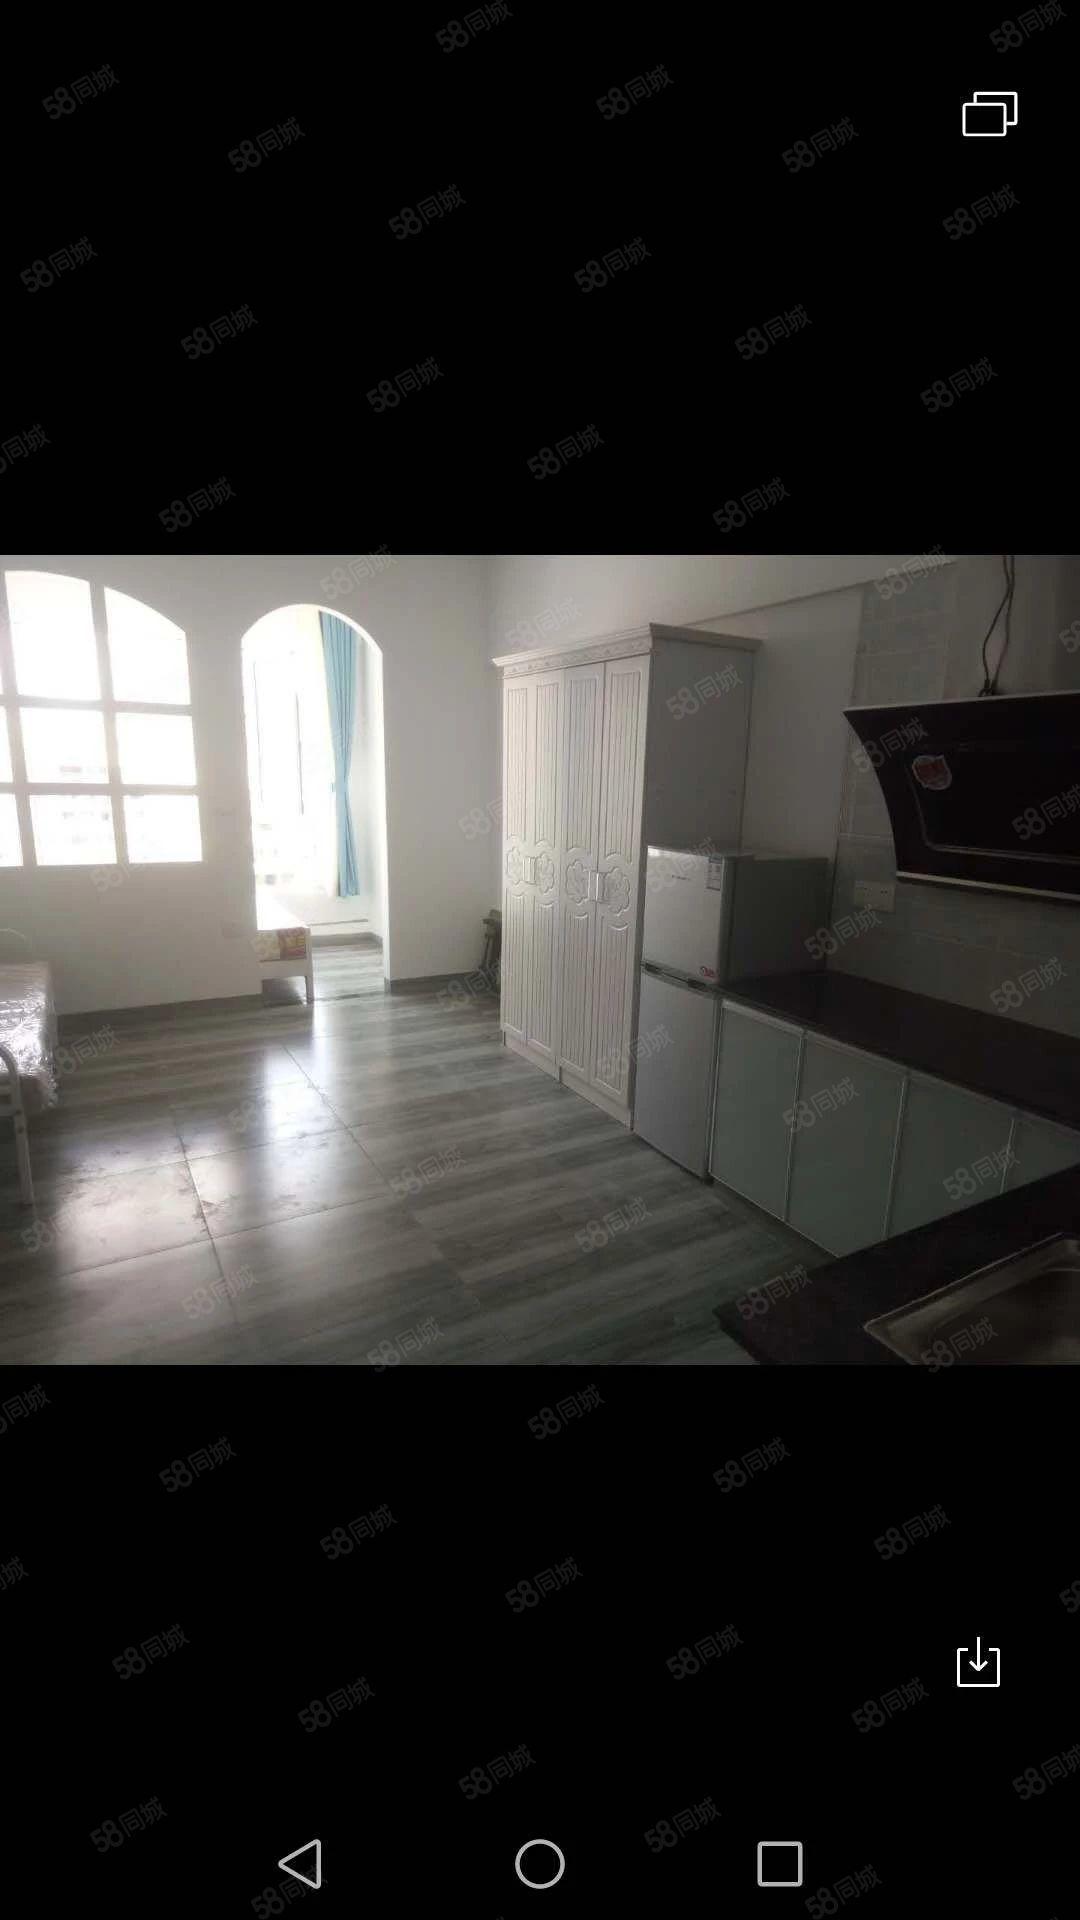 1000元便宜出租,川硐麒龙国际小区单身公寓一室一厨一卫空调